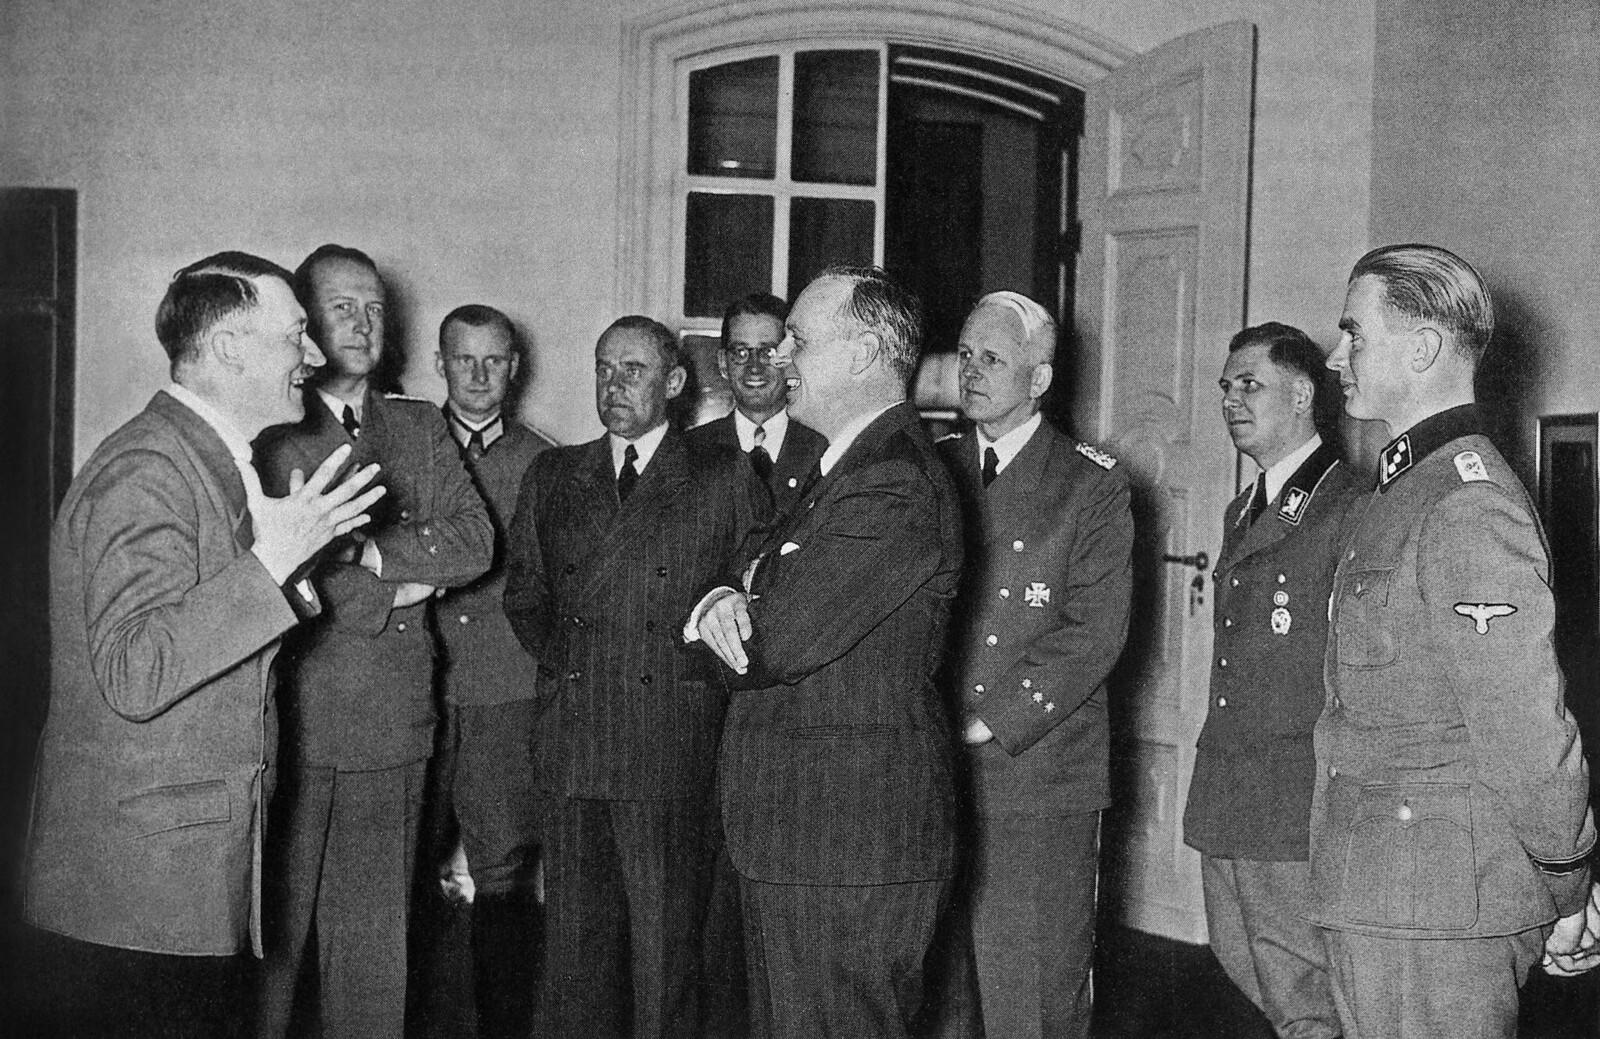 Министр иностранных дел Германии Йоахим фон Риббентроп беседует с Адольфом Гитлером в рейхсканцелярии Берлина после его возвращения из Москвы. 29 августа